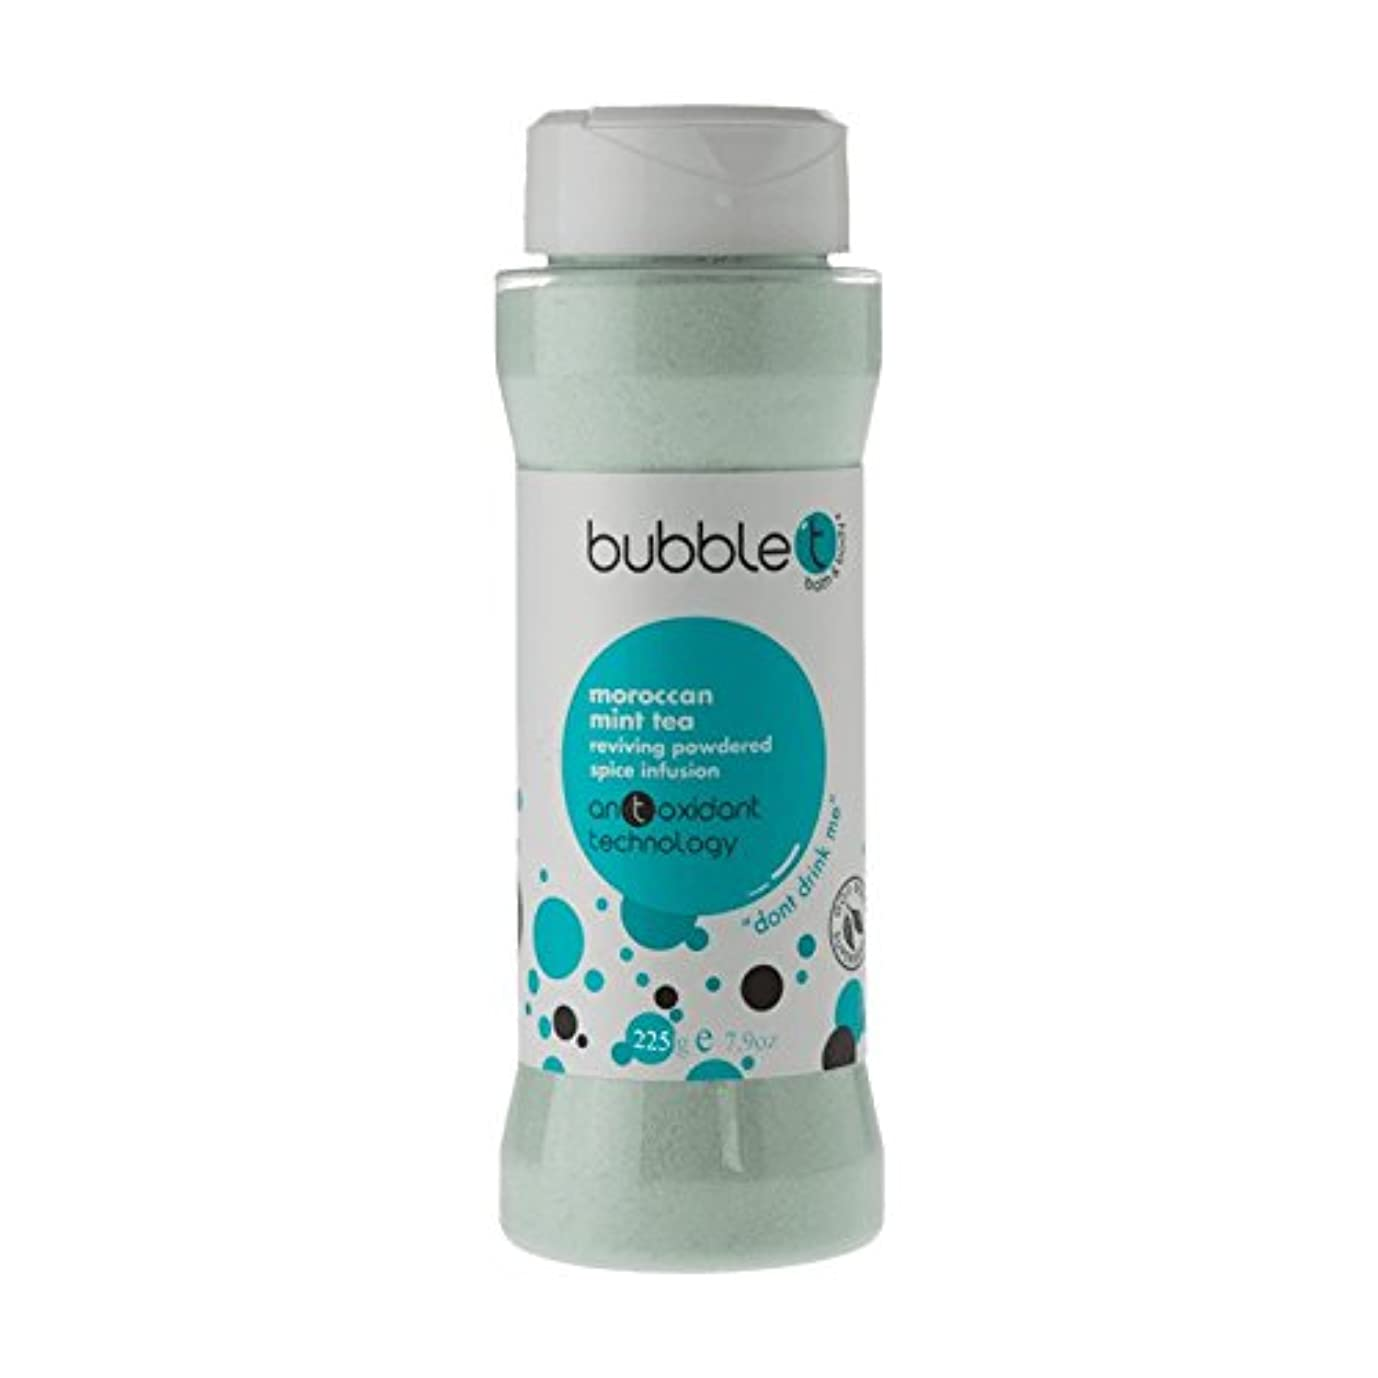 Bubble T Bath Spice Infusion Morrocan Mint Tea 225g (Pack of 2) - バブルトン風呂スパイス注入モロッコのミントティー225グラム (x2) [並行輸入品]